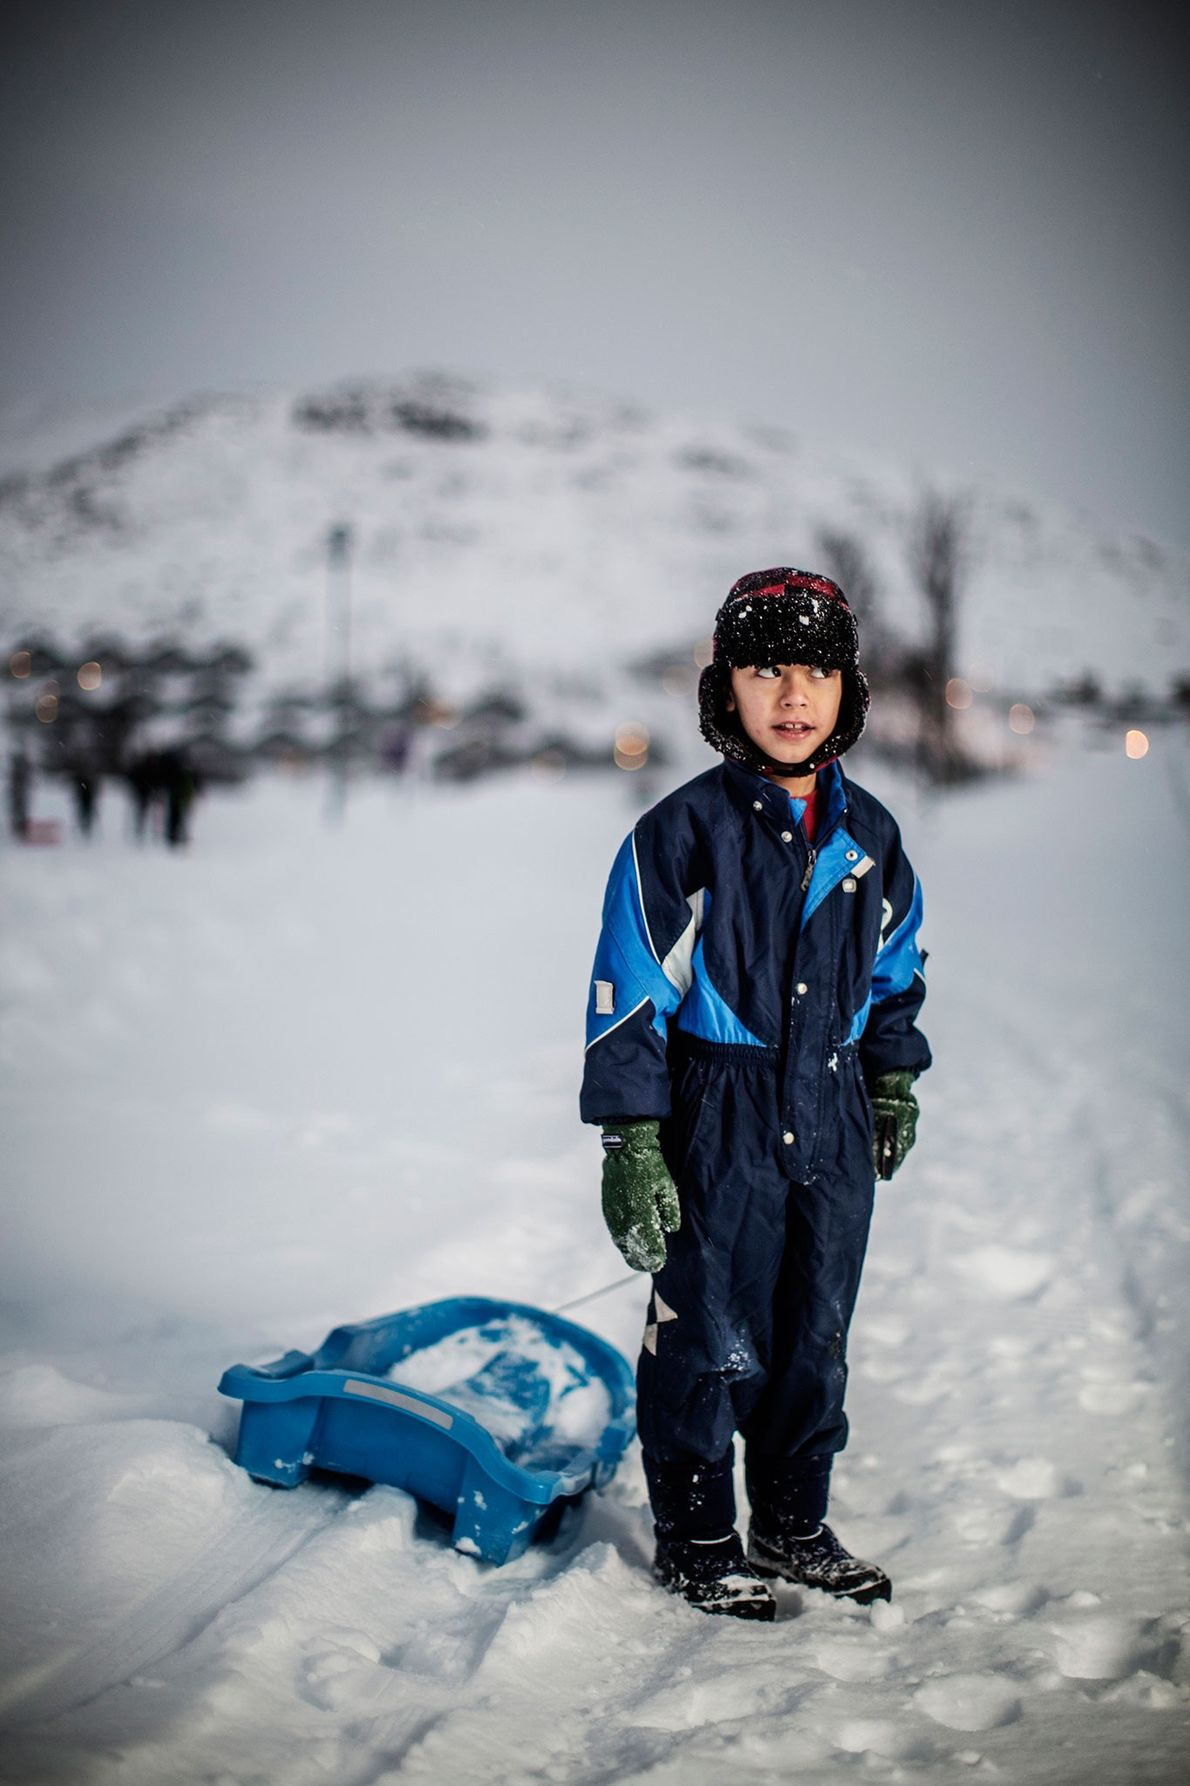 Image de Marwan Ayab, 10 ans, venu de Damas en Syrie